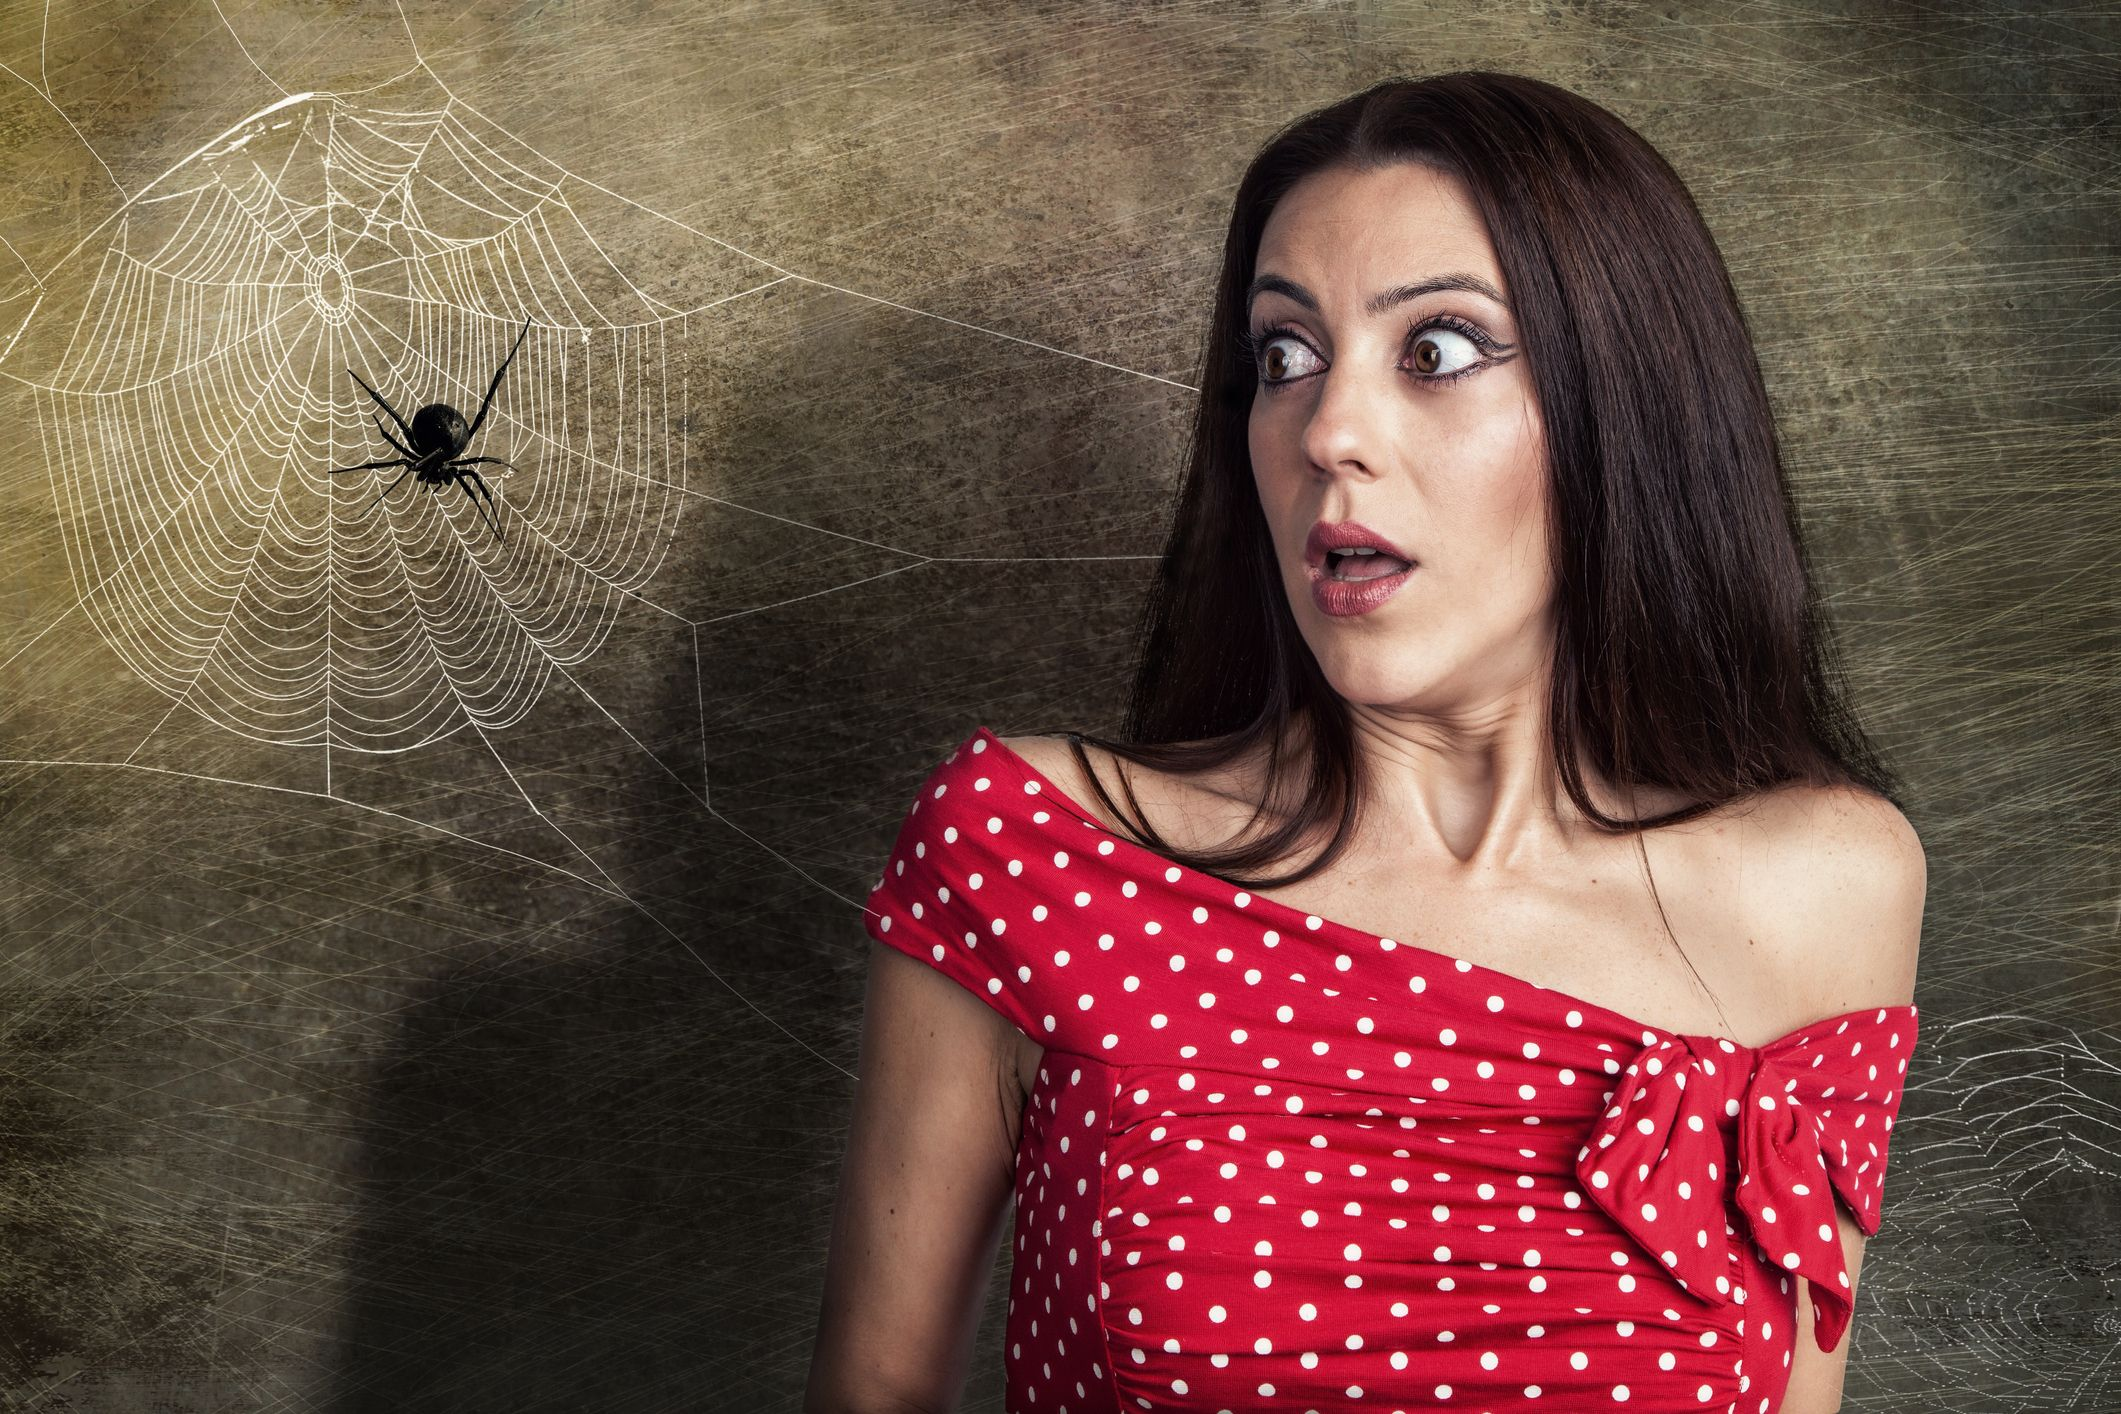 kill spider